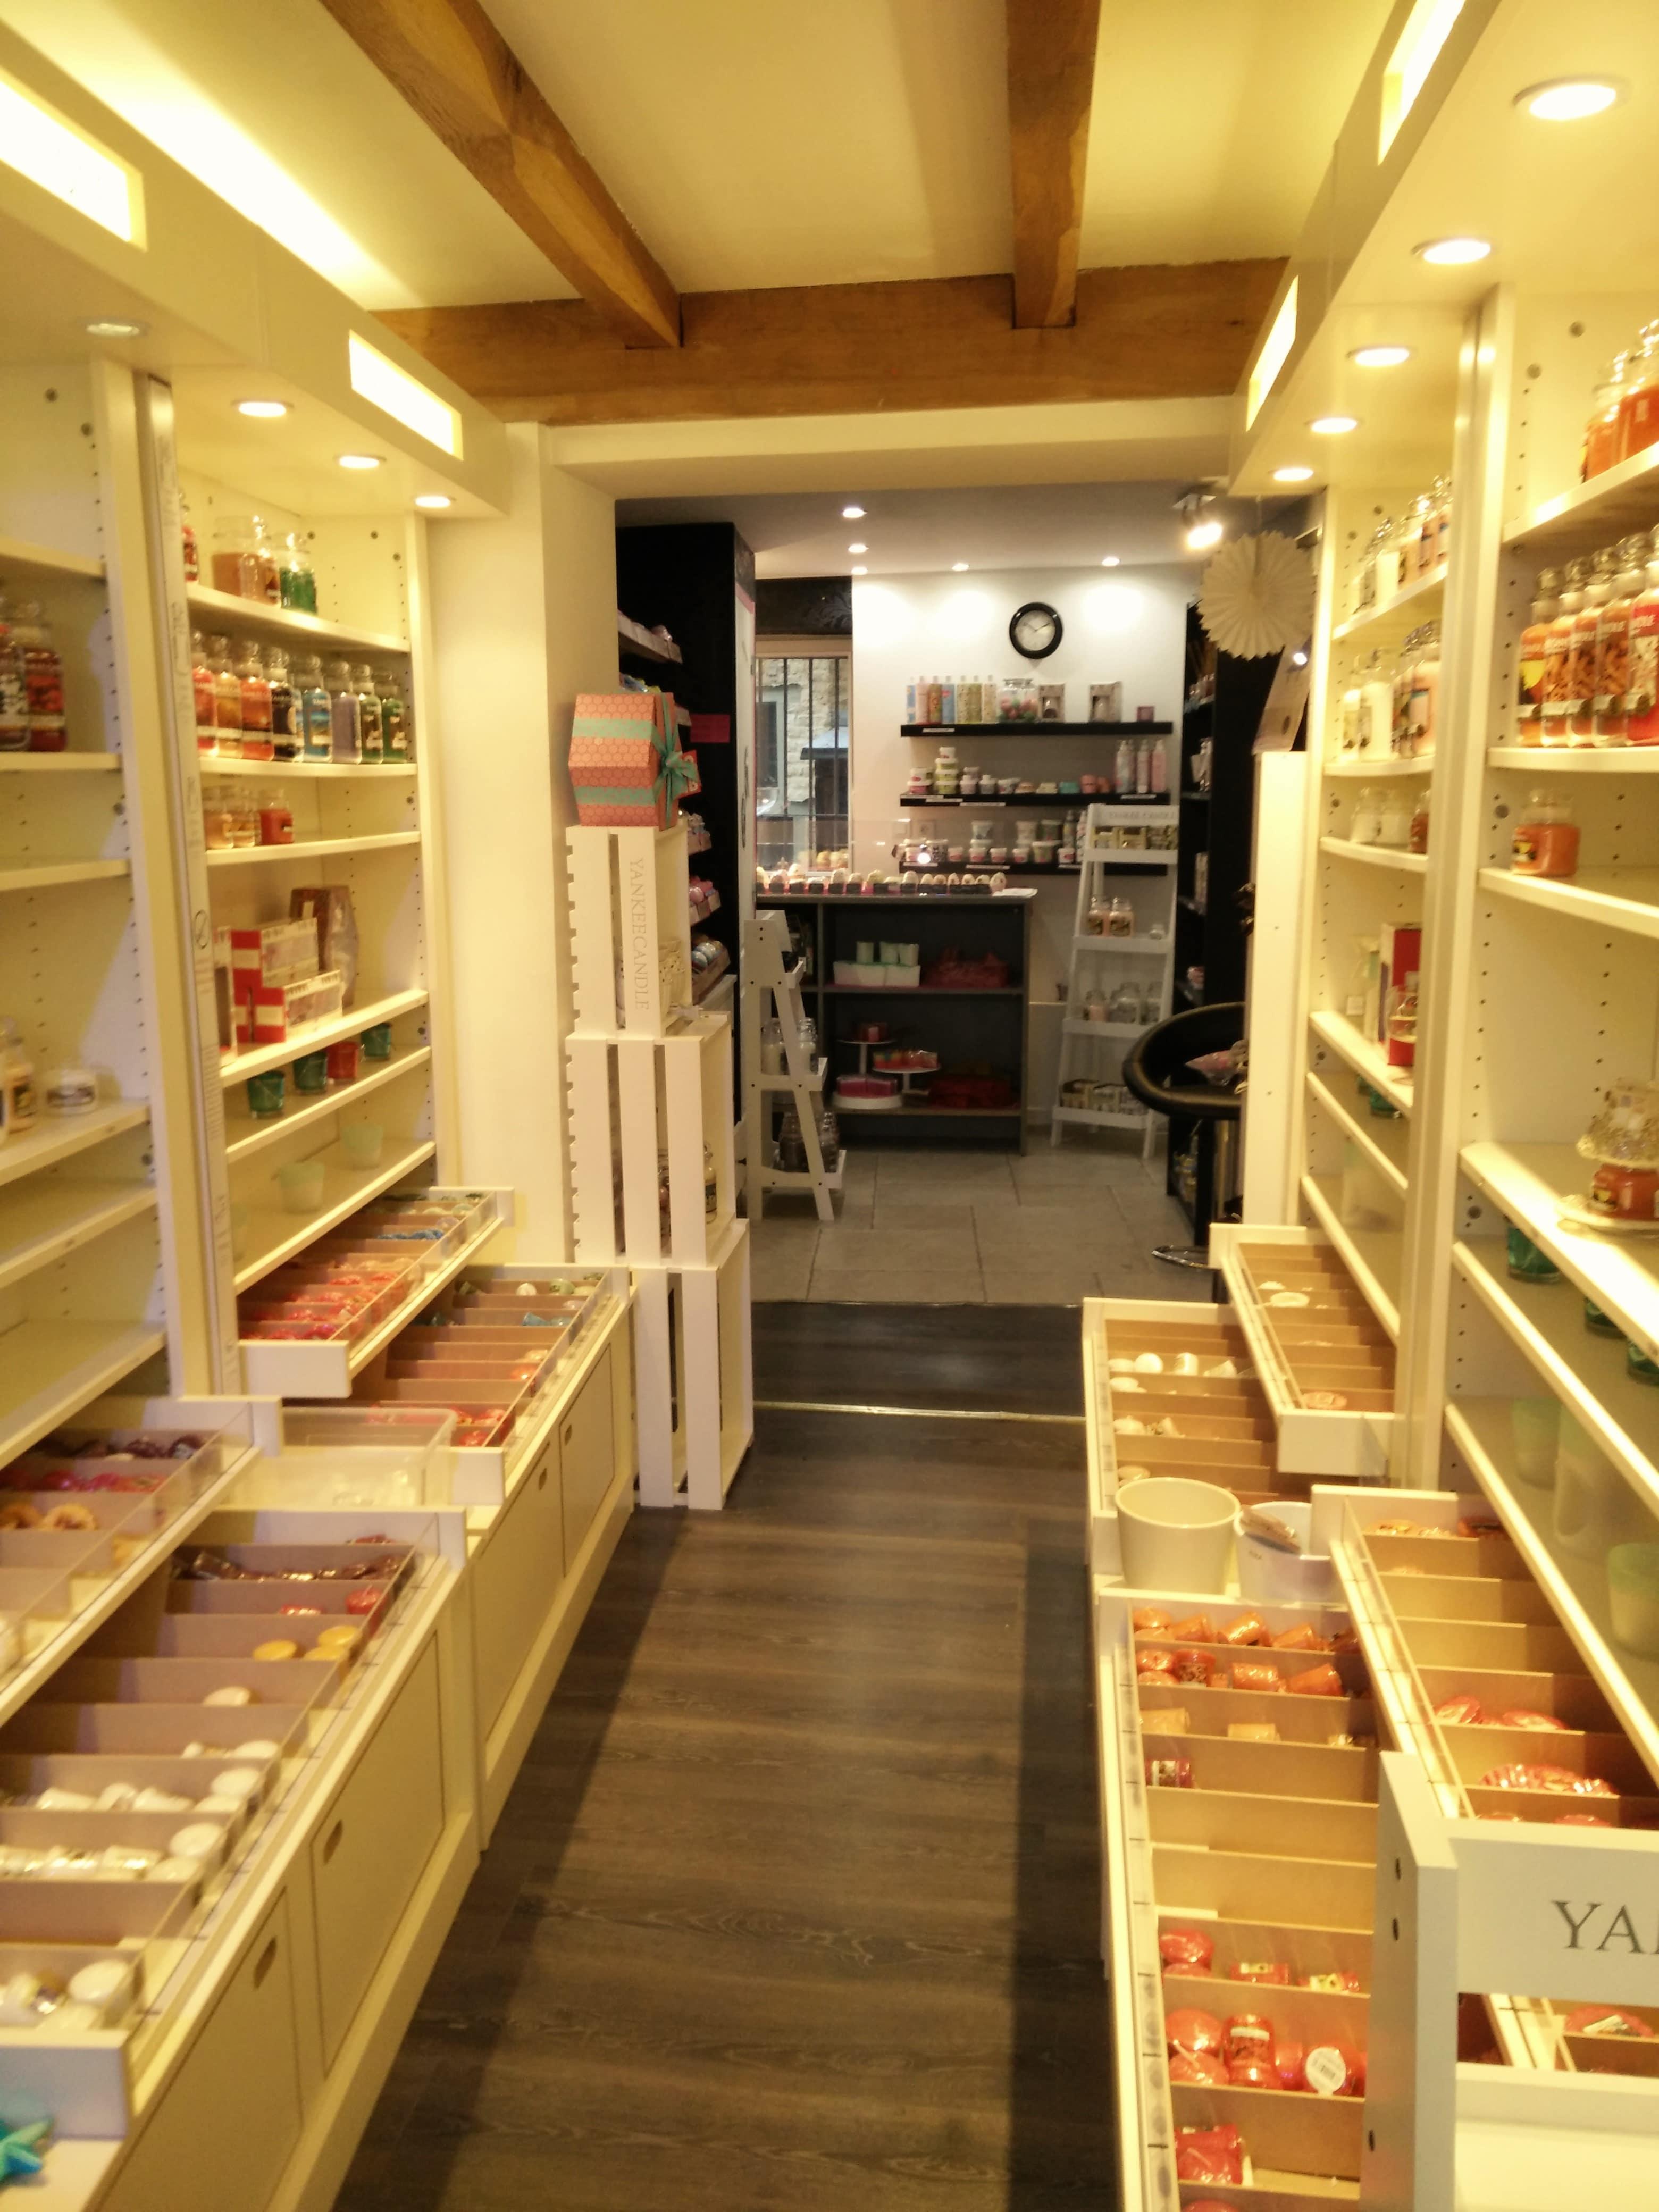 soapeo une super boutique de savons cosm tiques lille chicon choc blog de bonnes. Black Bedroom Furniture Sets. Home Design Ideas